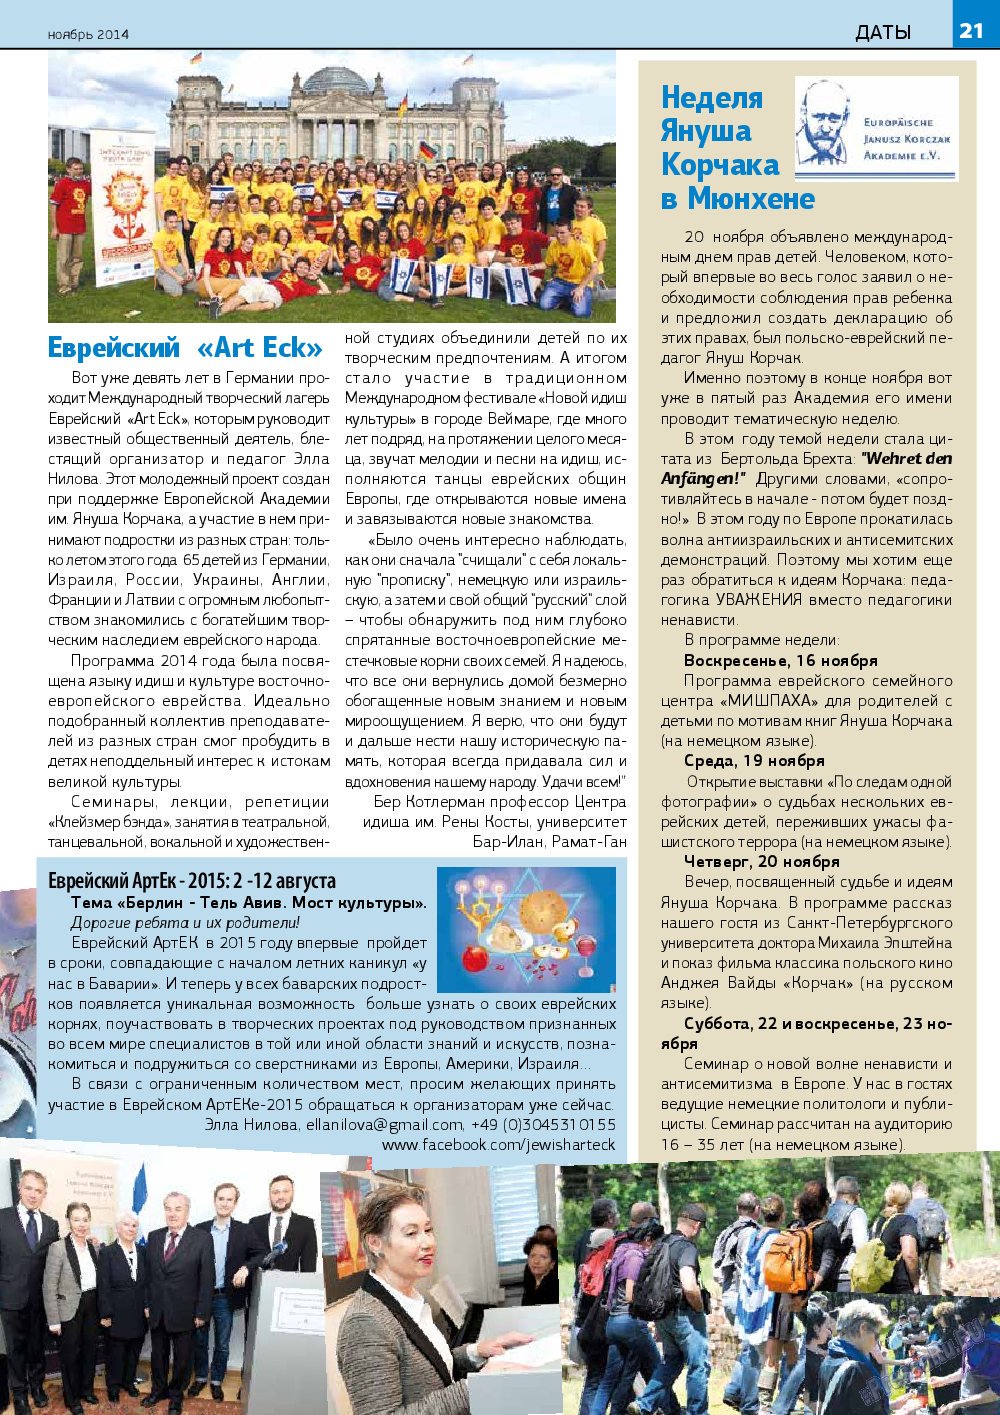 У нас в Баварии (журнал). 2014 год, номер 9, стр. 21